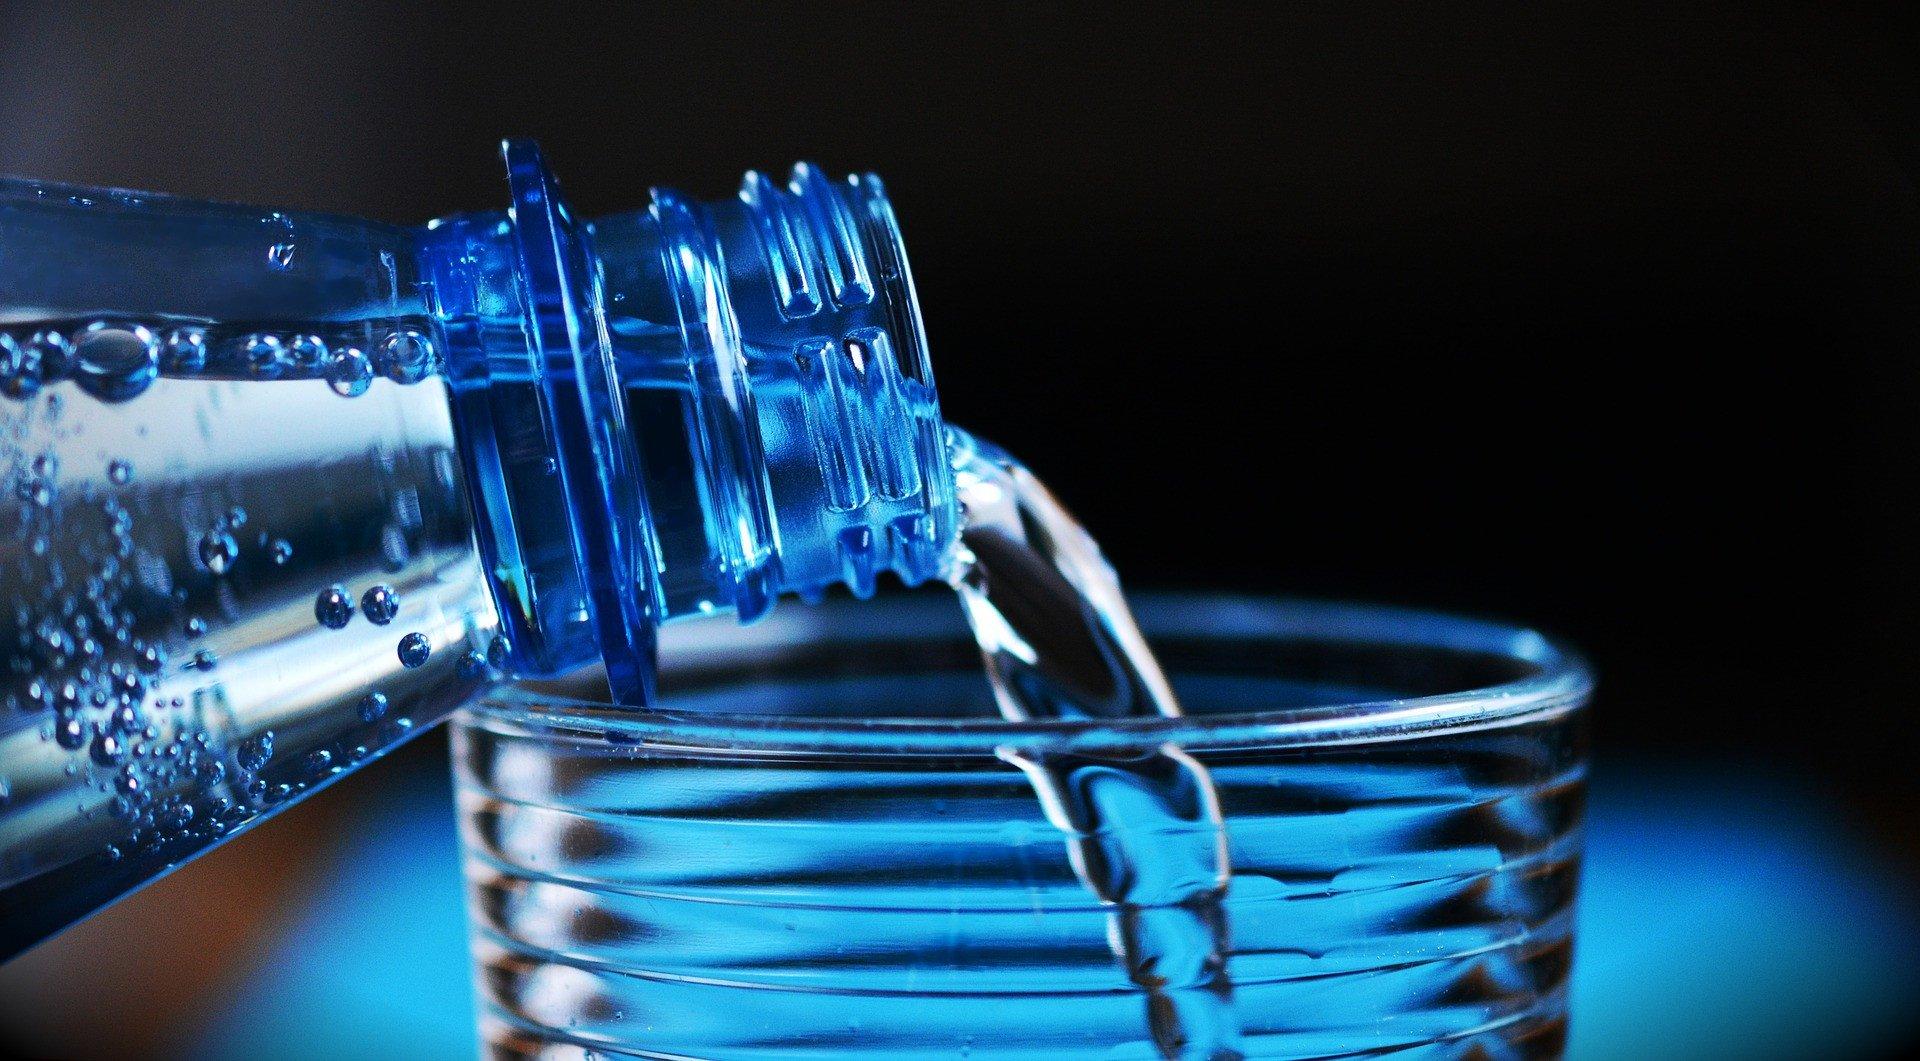 7 Keajaiban Minum Air Putih Setelah Bangun Tidur, Nomor 5 Menurunkan Risiko Batu Ginjal - JPNN.com